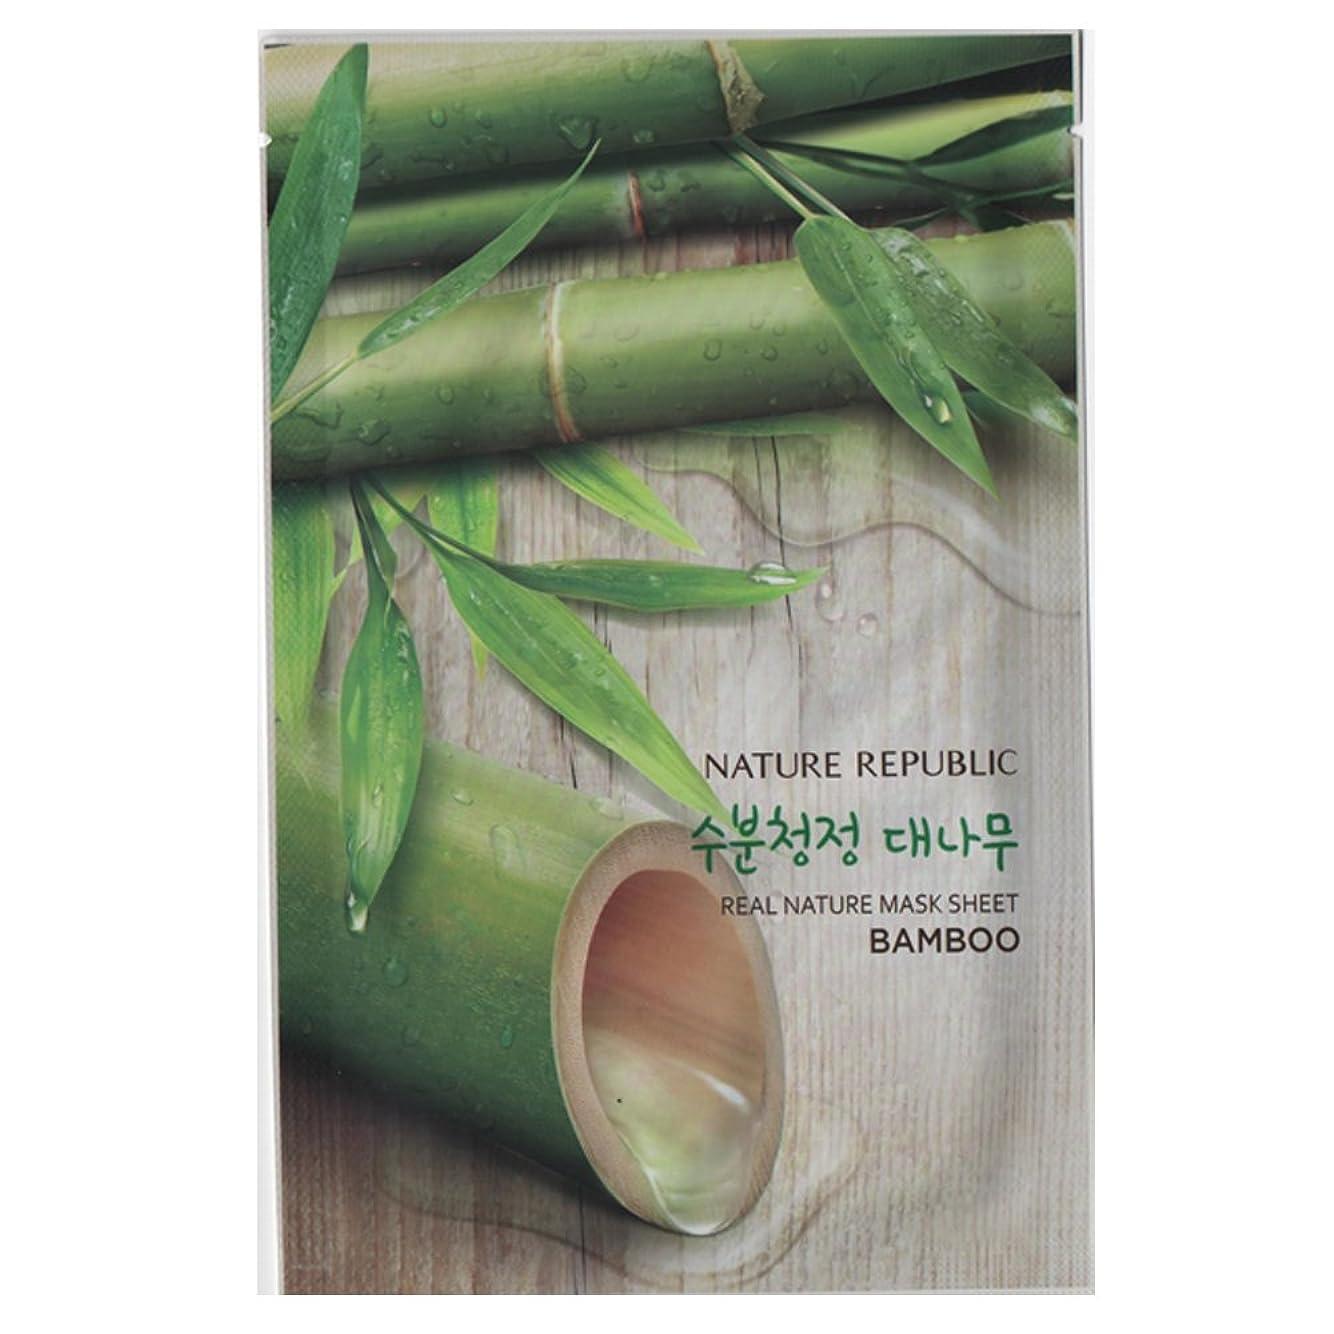 アンティークアラート名詞[NATURE REPUBLIC] リアルネイチャー マスクシート Real Nature Mask Sheet (Bamboo (竹) 10個) [並行輸入品]